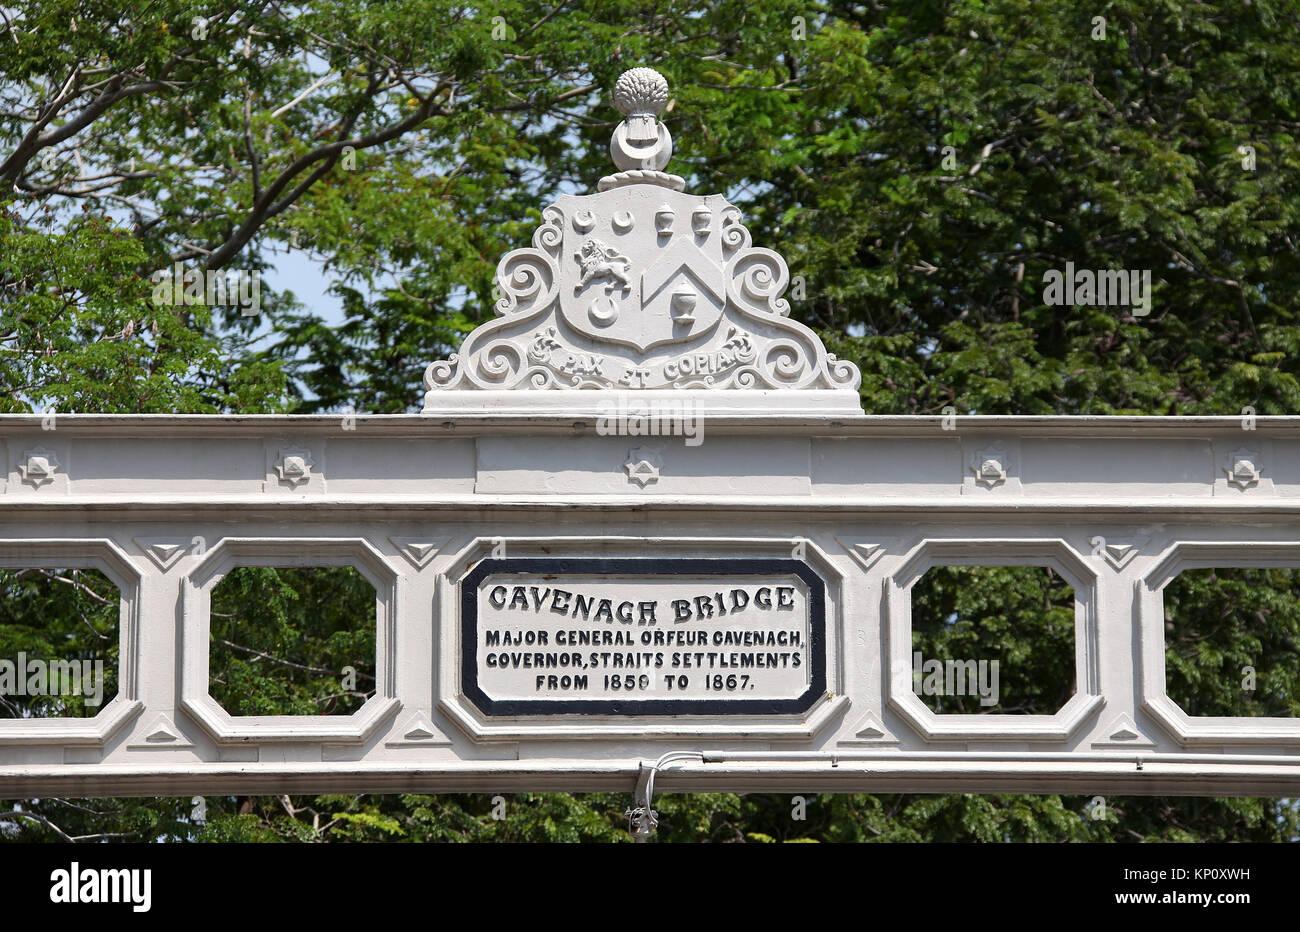 Cavenagh Bridge in Singapore - Stock Image